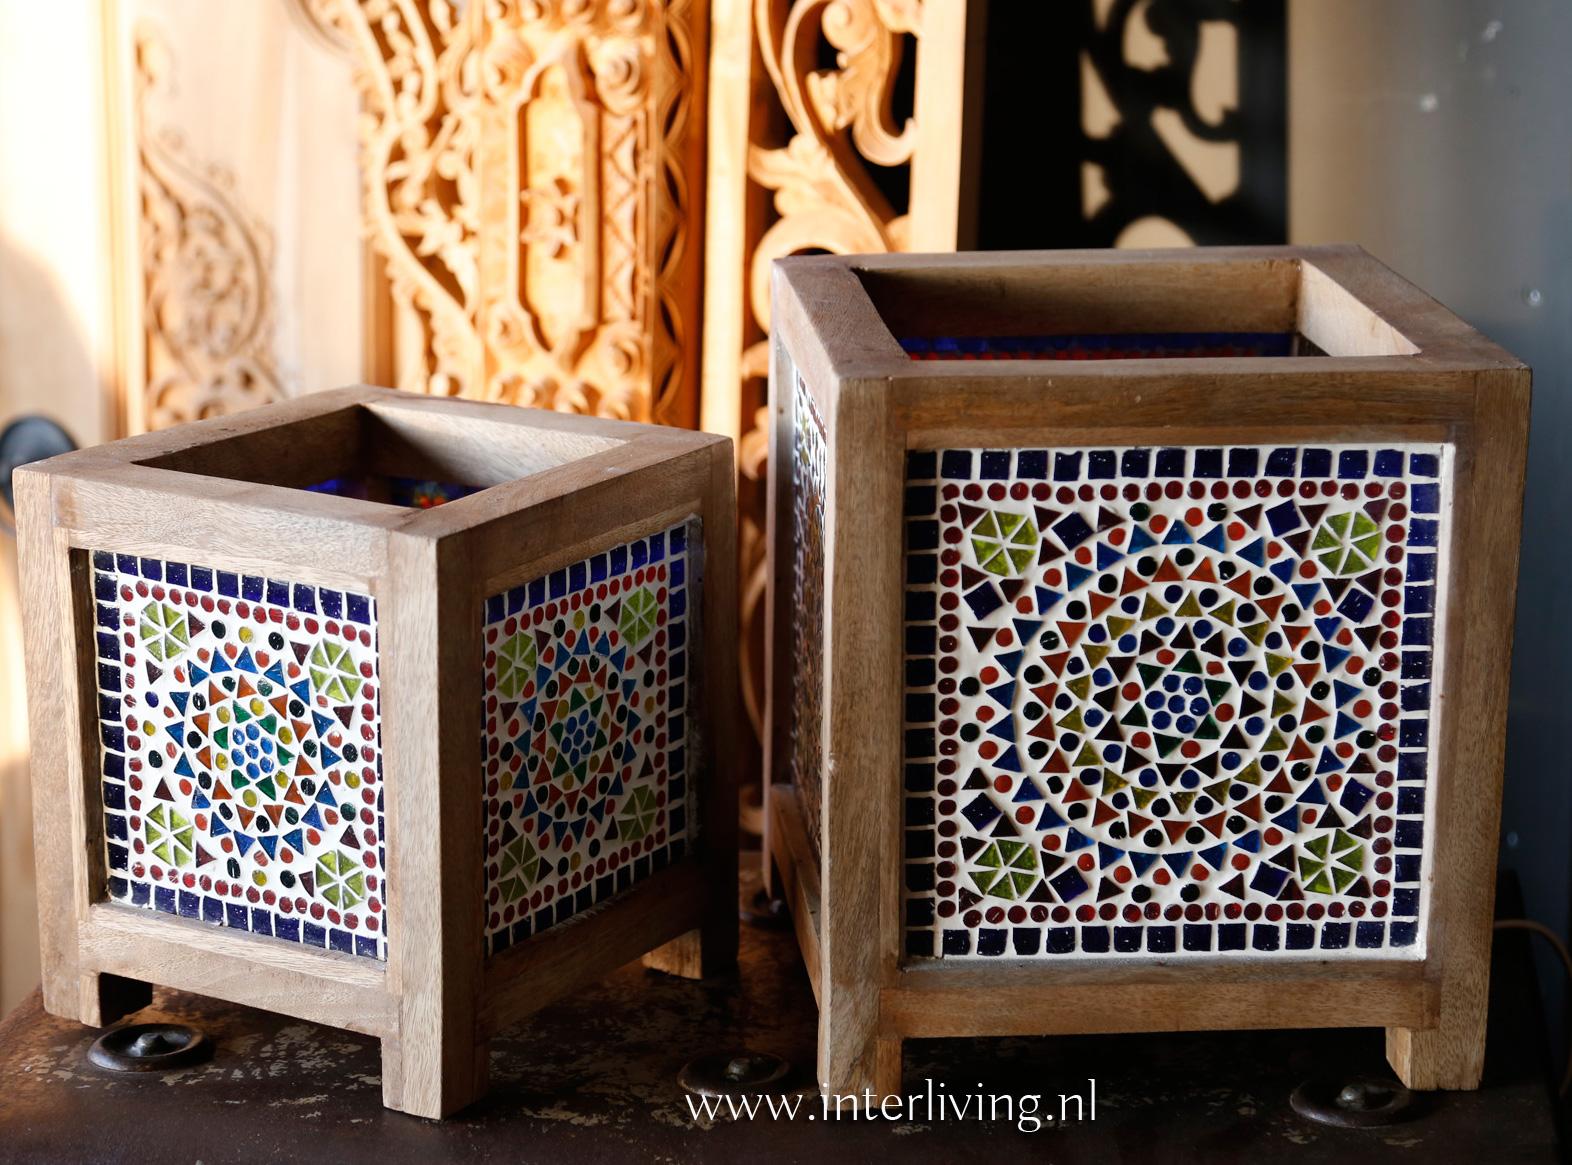 tafellampje vierkant - boho stijl - gekleurde glas patronen met naturel hout - styling voor Ibiza huis